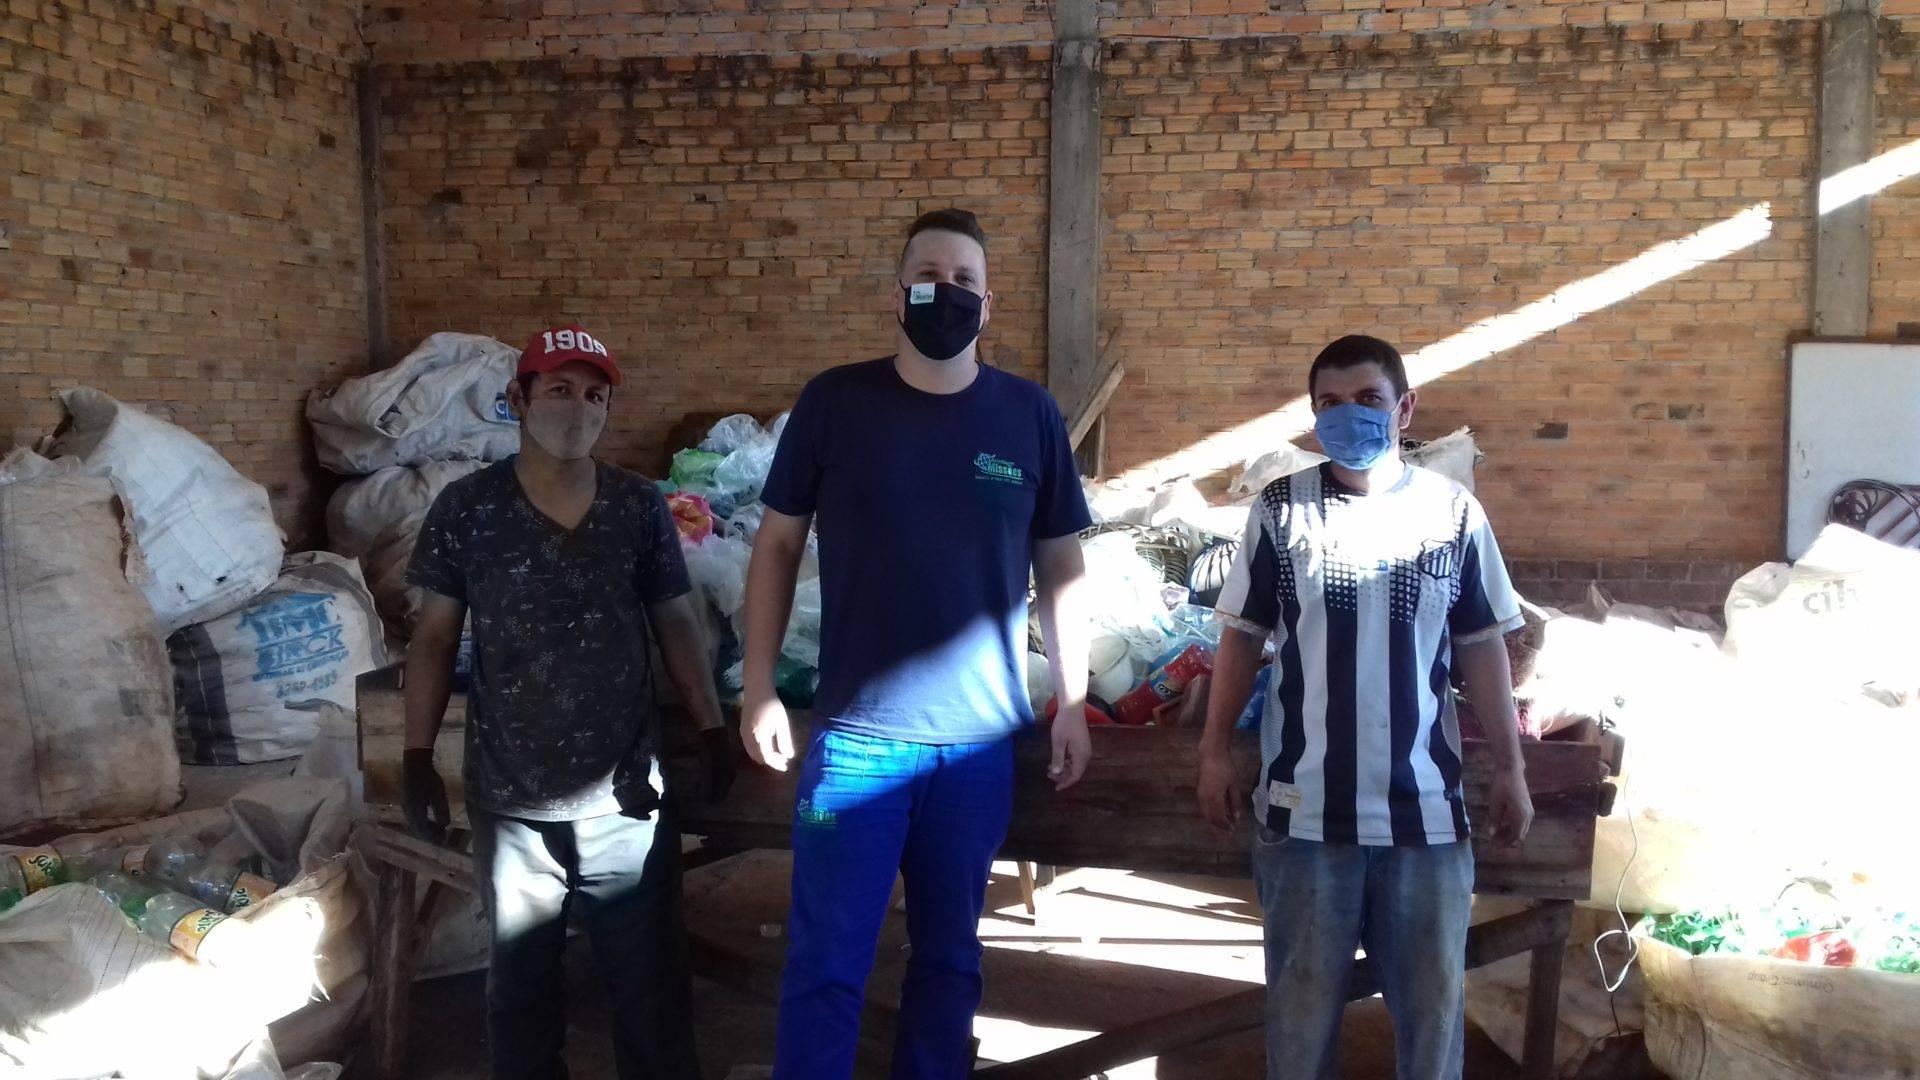 Empresa de reciclagem oportuniza trabalho e fonte de renda em São Luiz Gonzaga